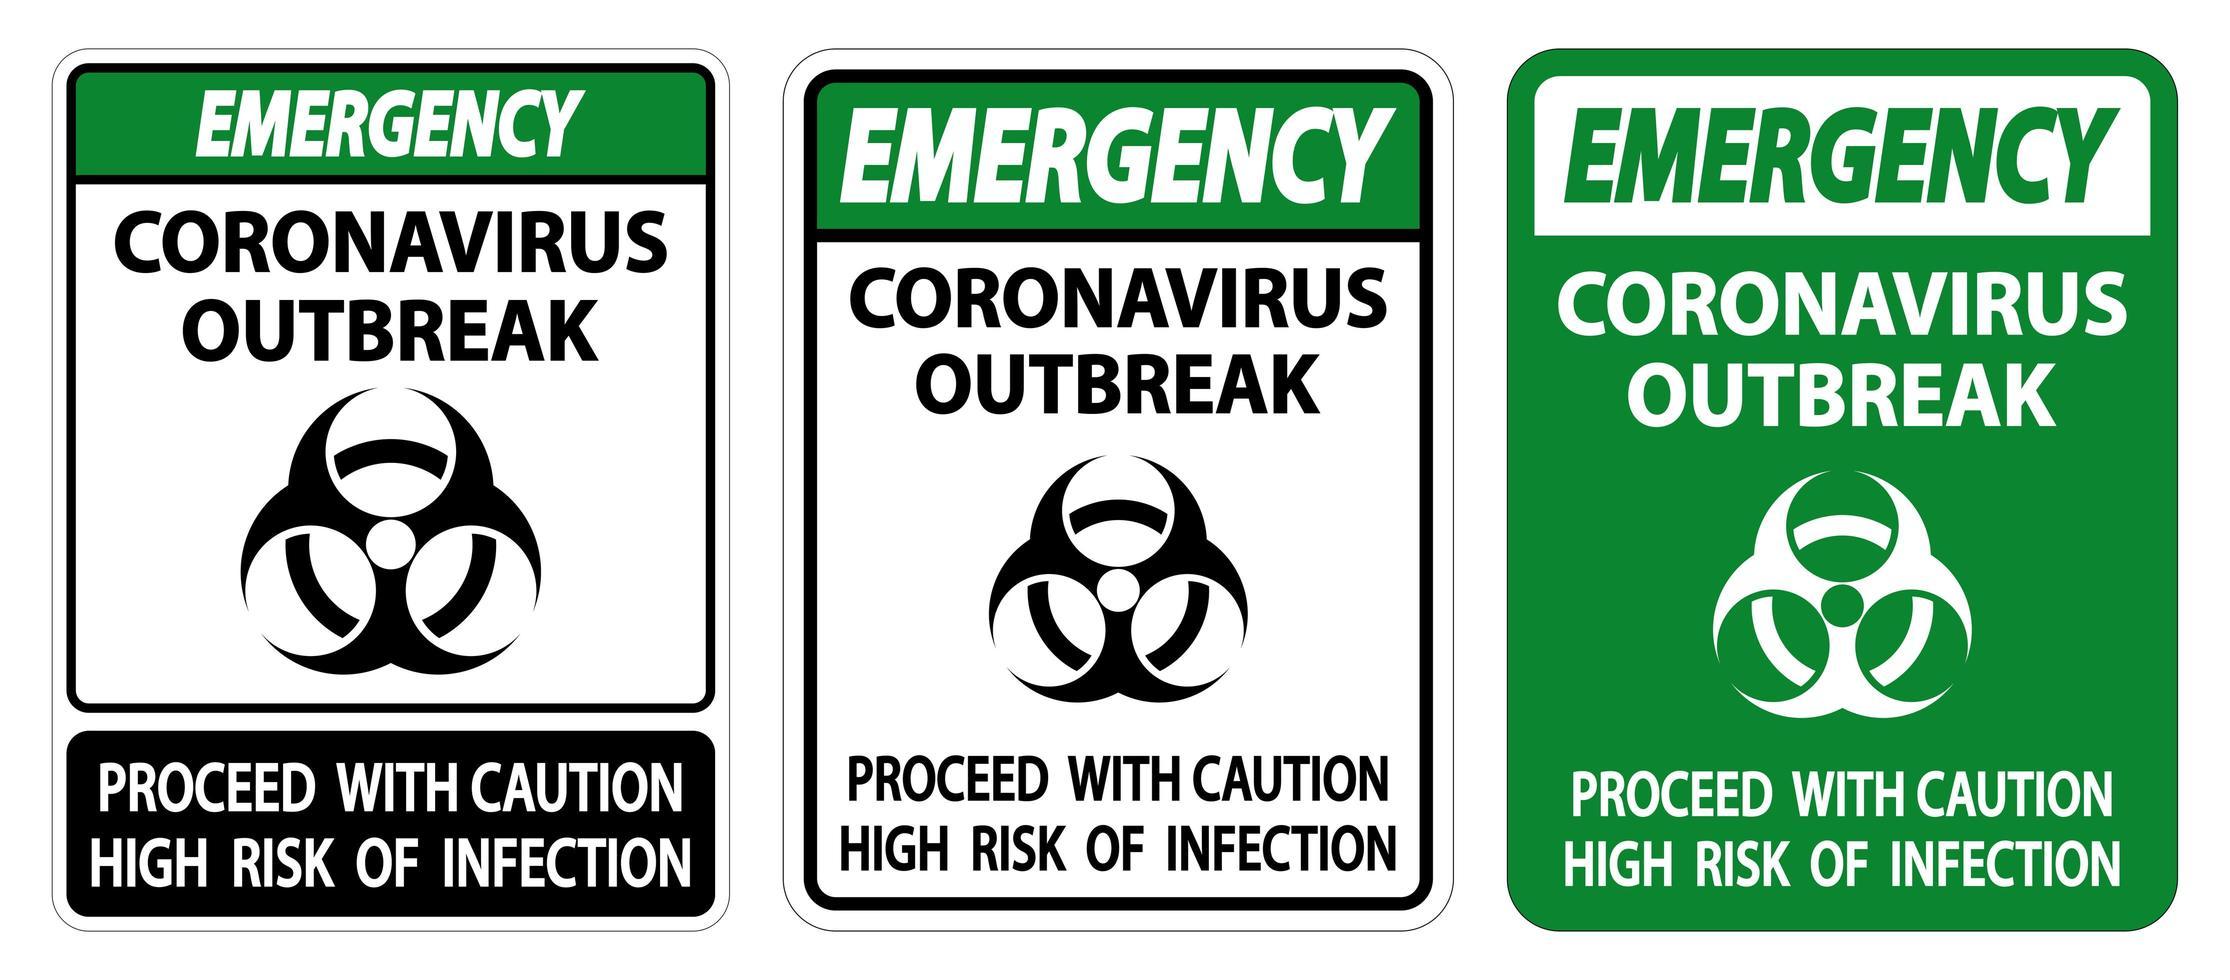 Coronavirus-Ausbruchszeichensatz vektor